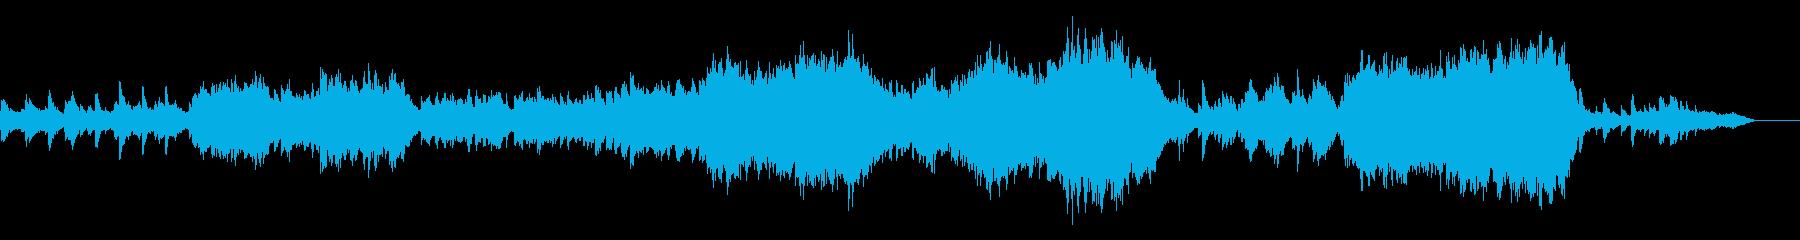 優しく切ない旋律の感動/壮大オーケストラの再生済みの波形